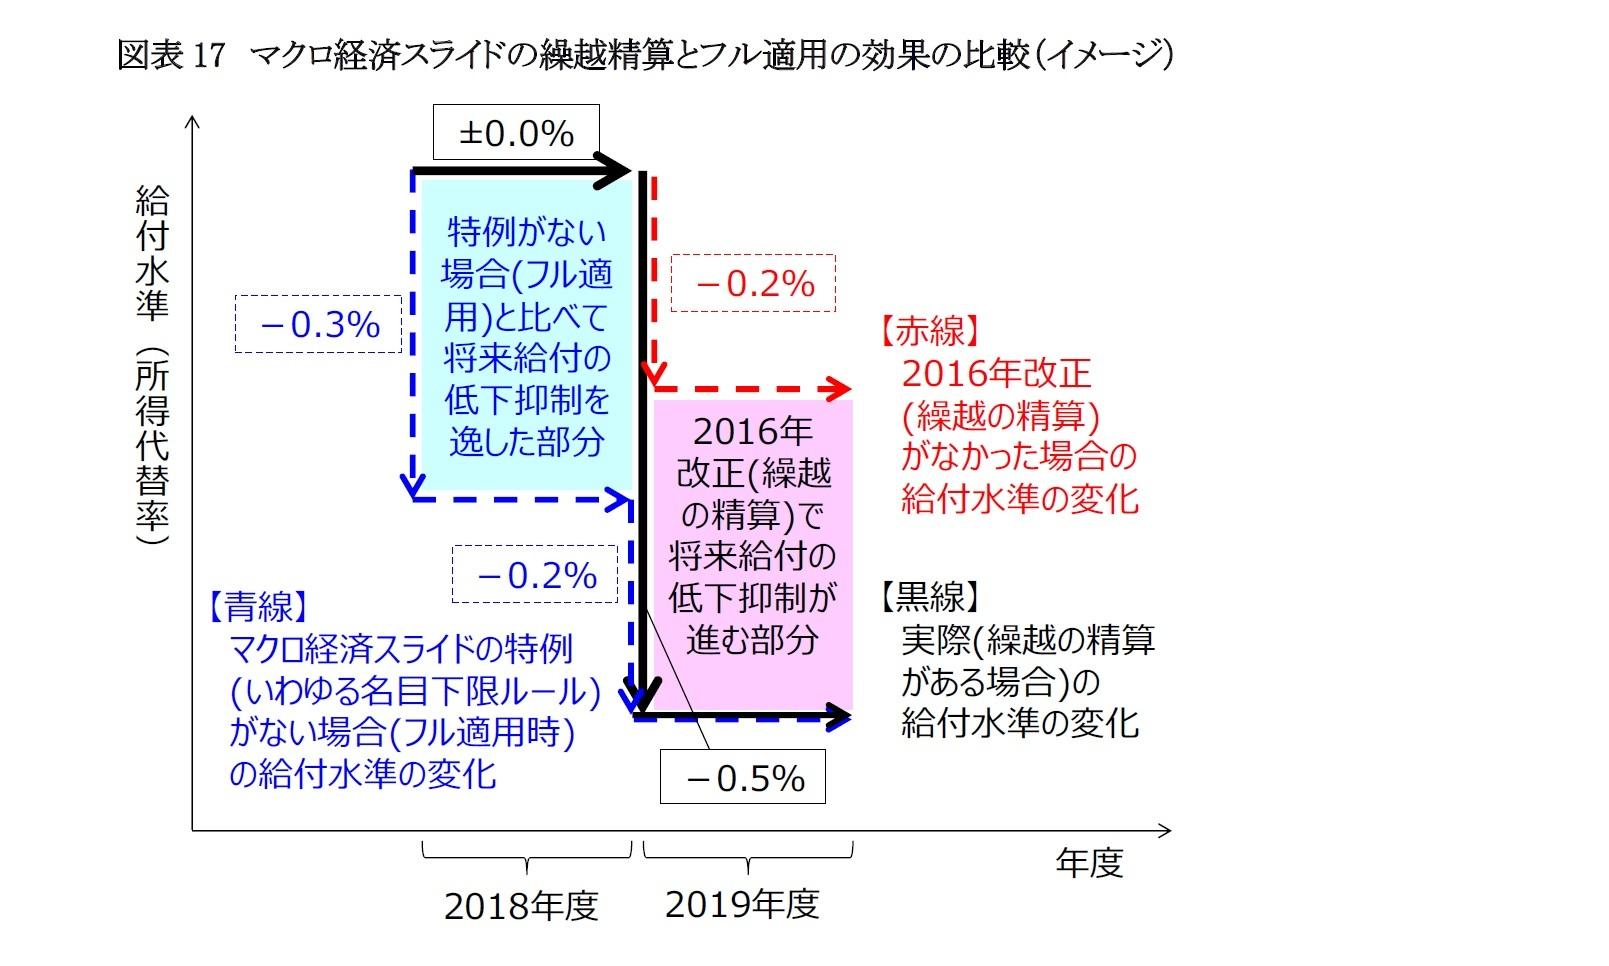 図表17 マクロ経済スライドの繰越精算とフル適用の効果の比較(イメージ)